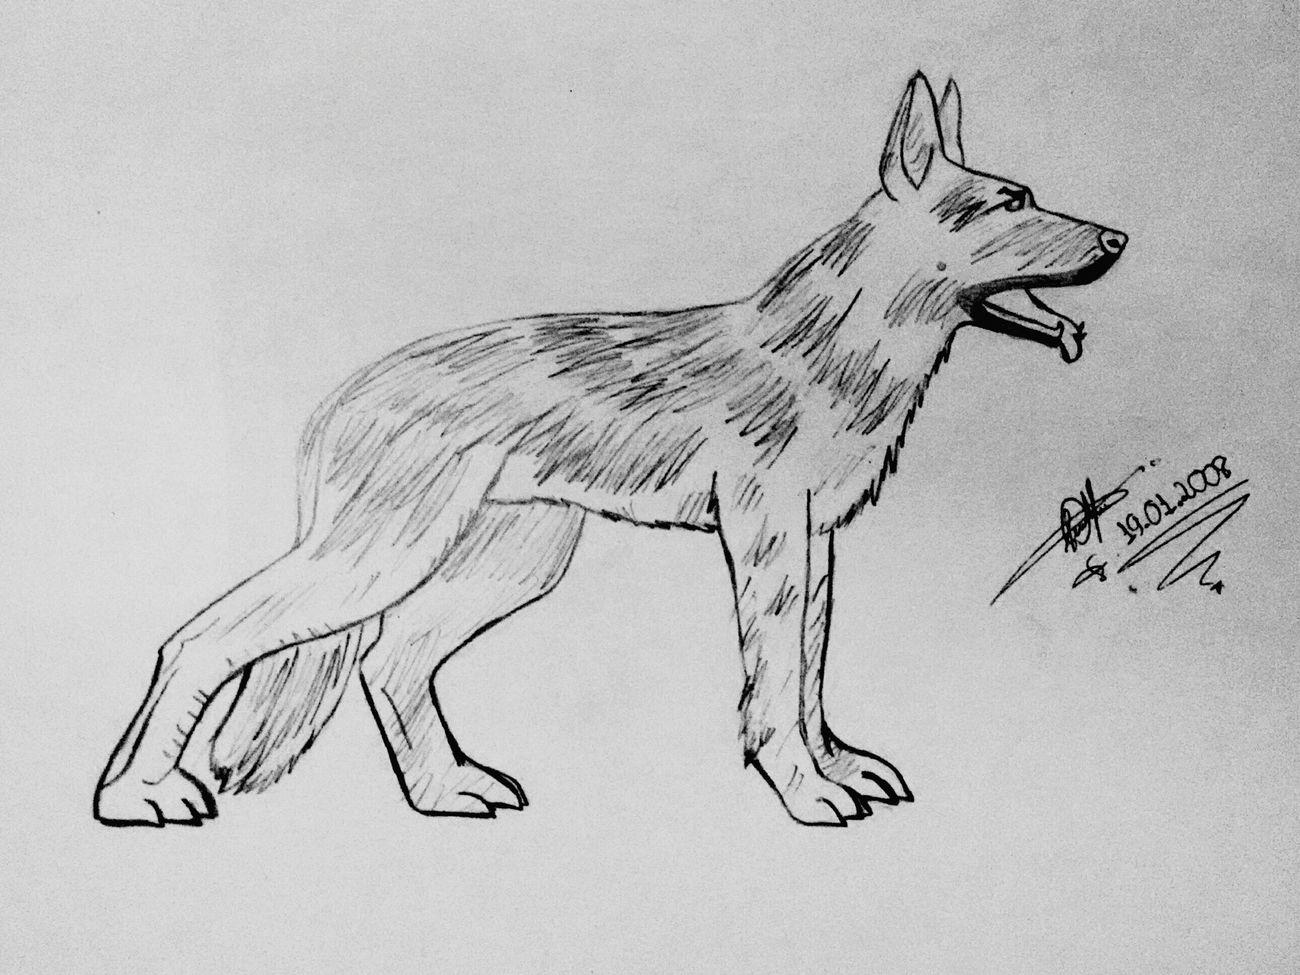 Desenho Art Grafite Drawing LM_colection Dog Artistic Dibujo Dog Pet Portrait